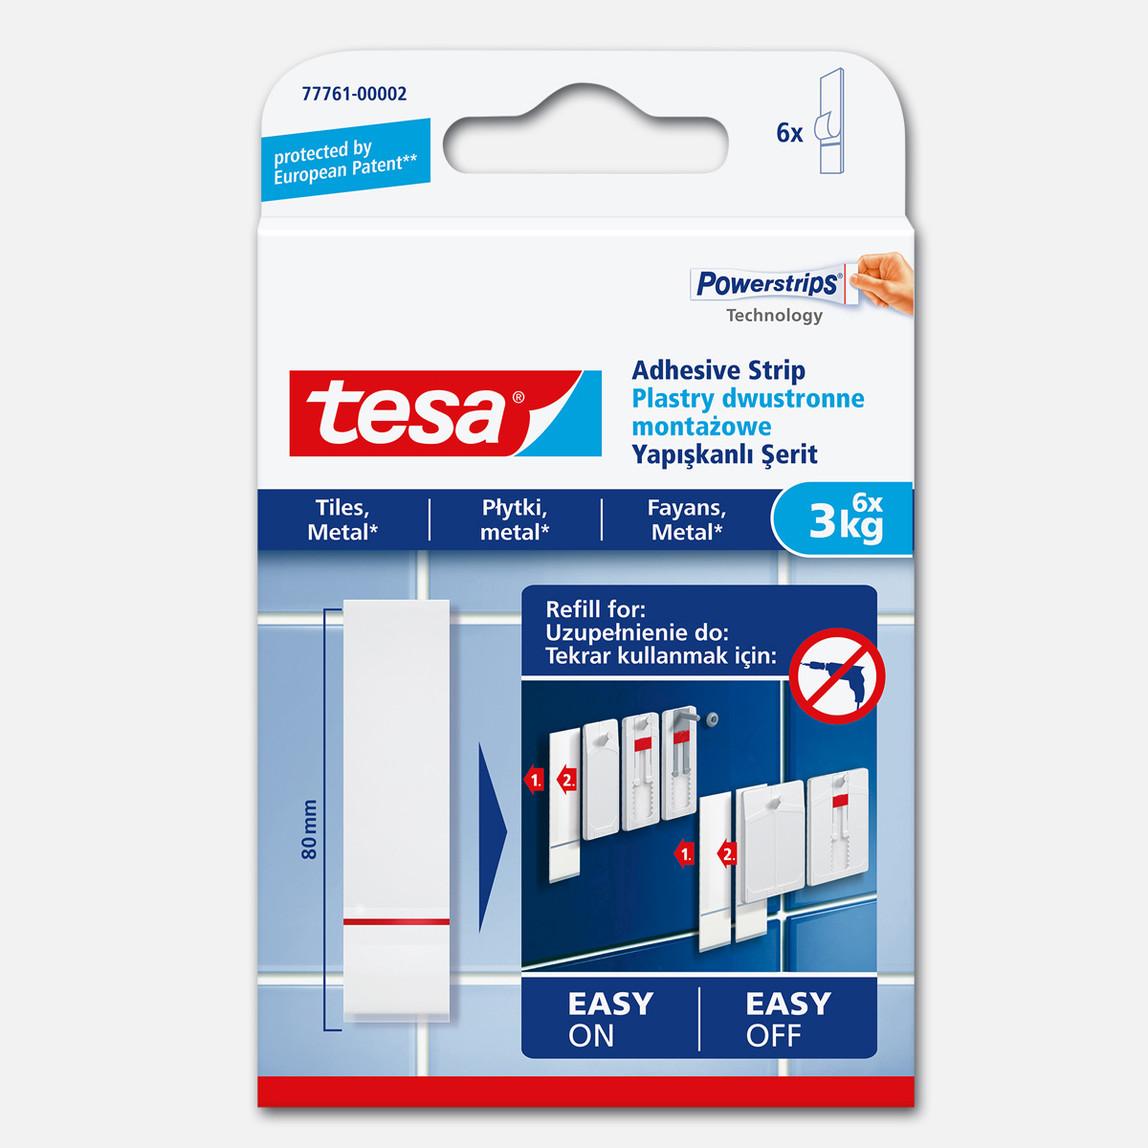 Tesa® İz Bırakmadan Sökülebilir Yapışkan Şerit Bantlar, Fayans ve Metal Yüzeyler için, 3 kg, 6 adet